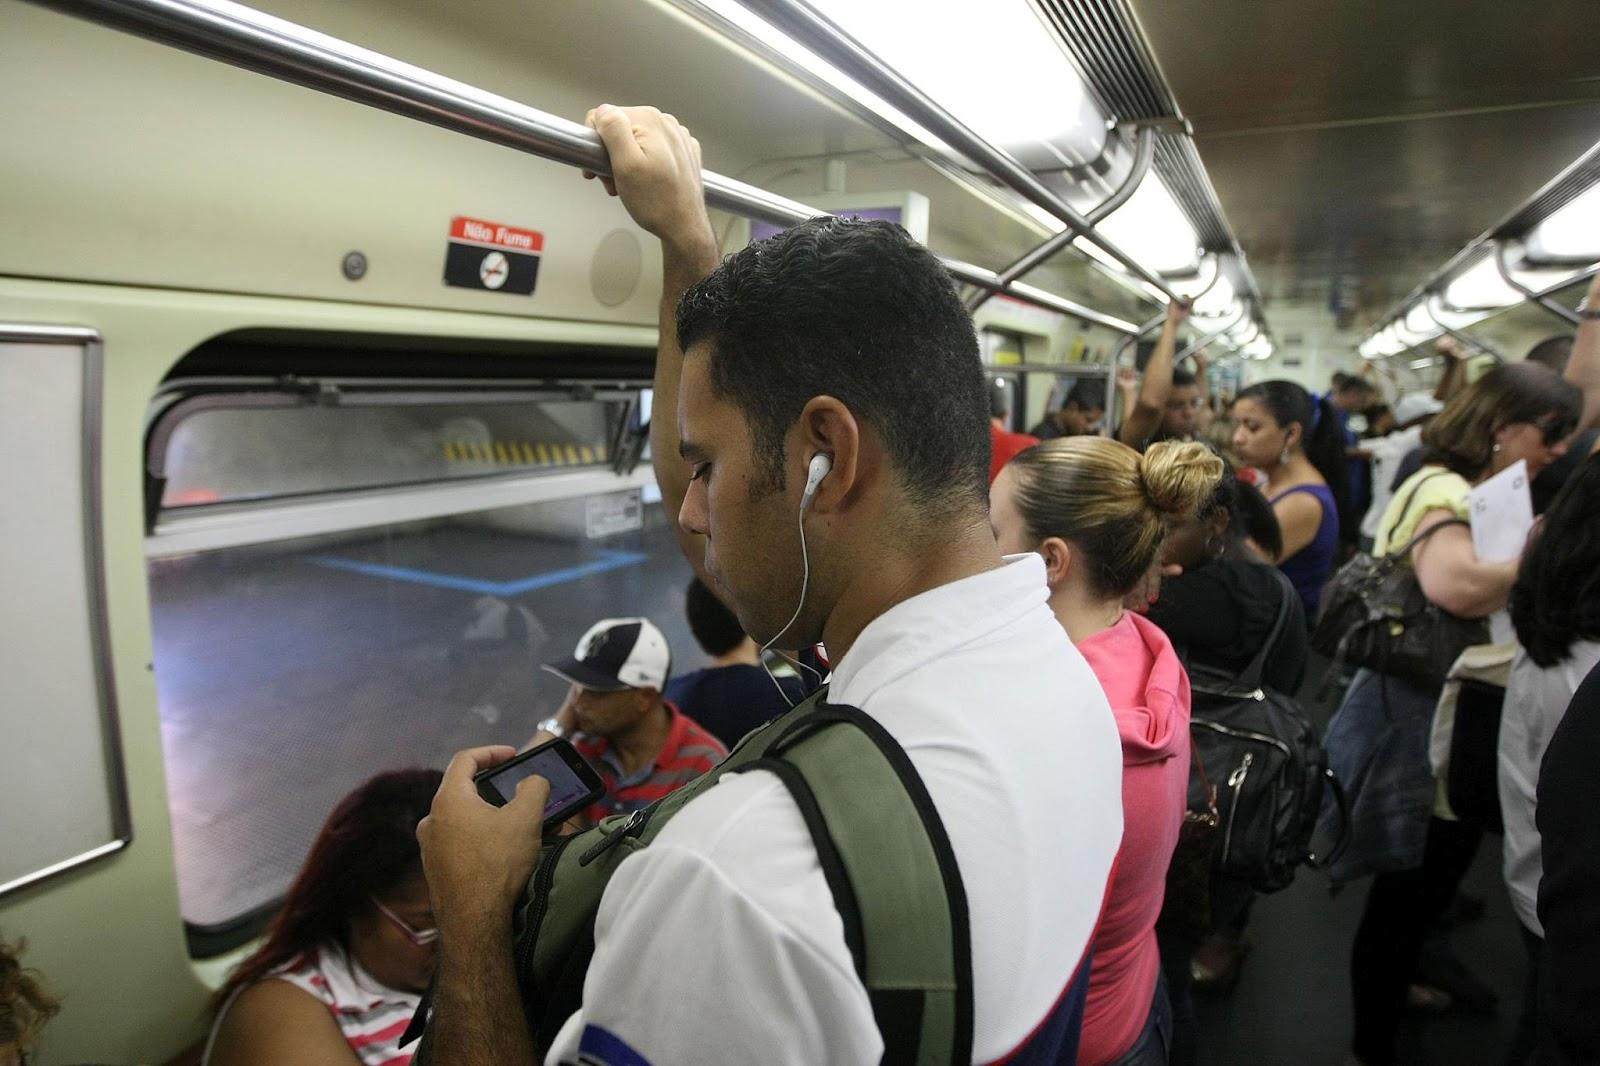 Imagem de Metrô de SP vai parar de tocar música durante viagens no tecmundo